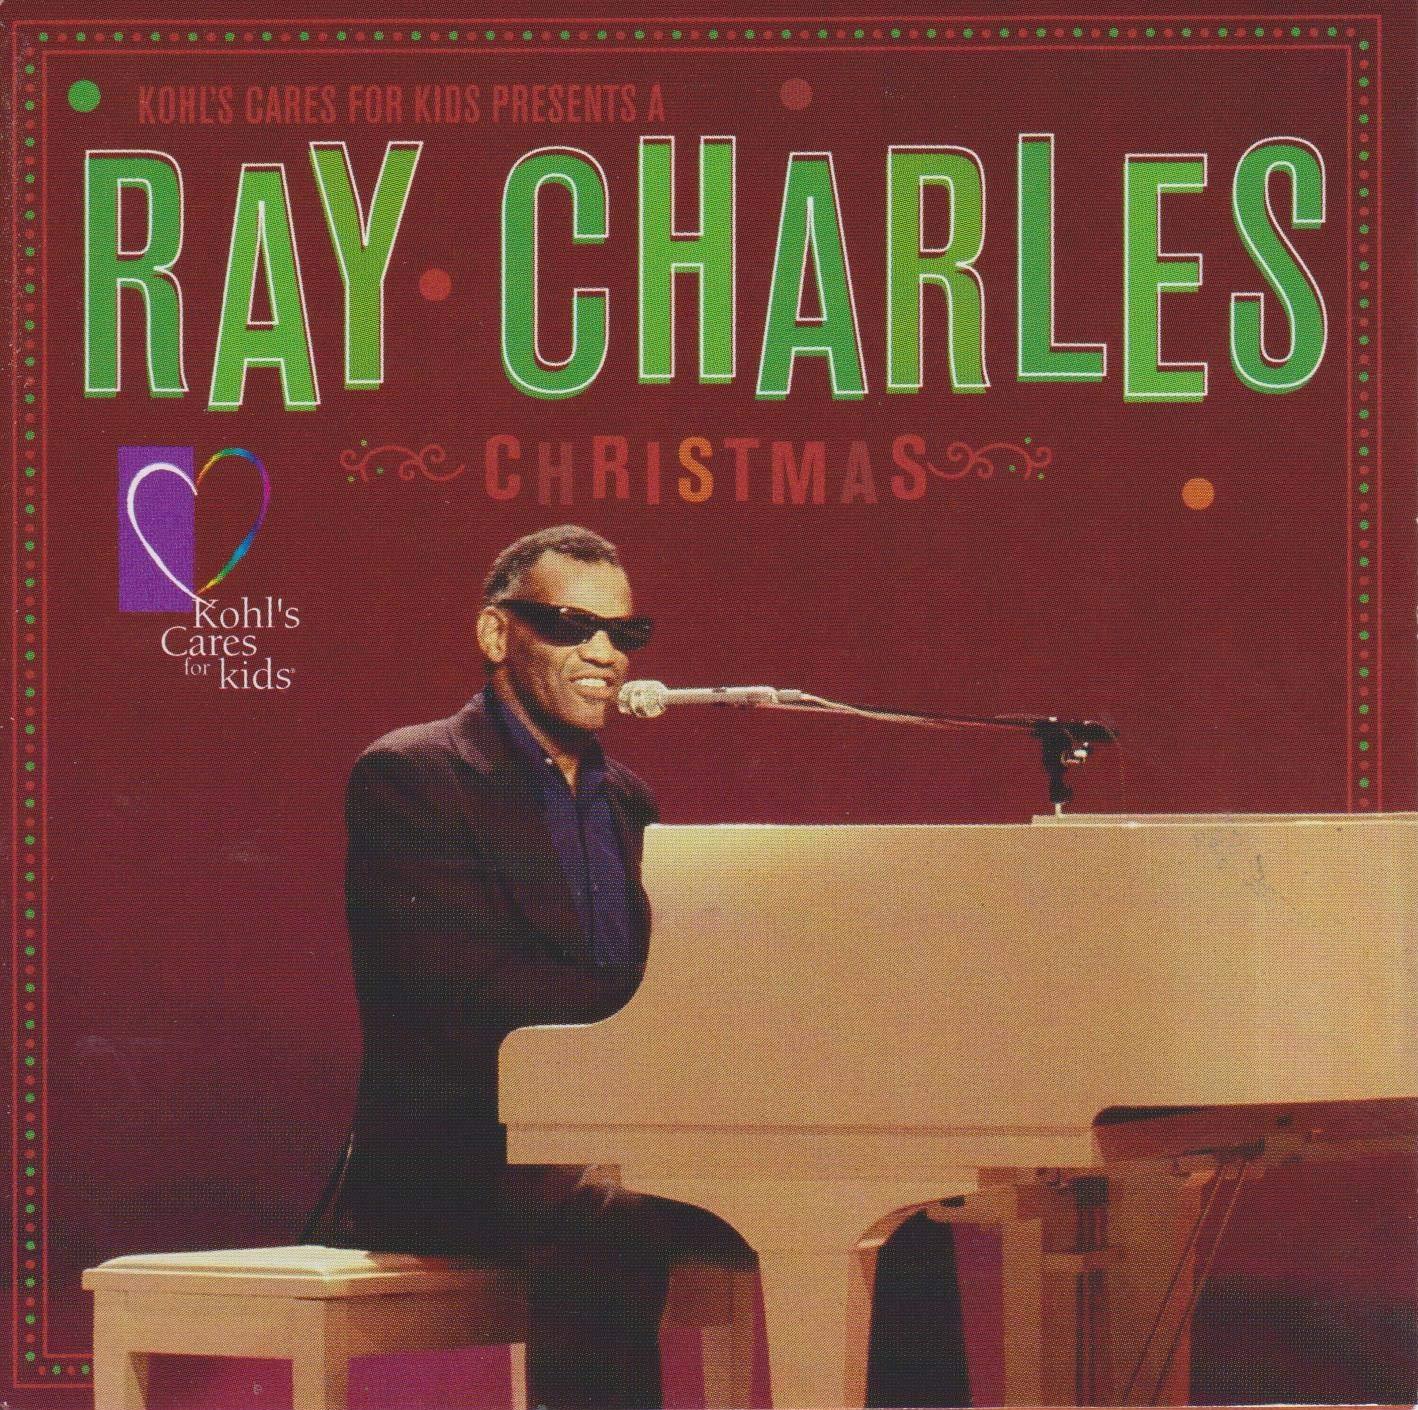 Ray Charles Christmas.Ray Charles Christmas